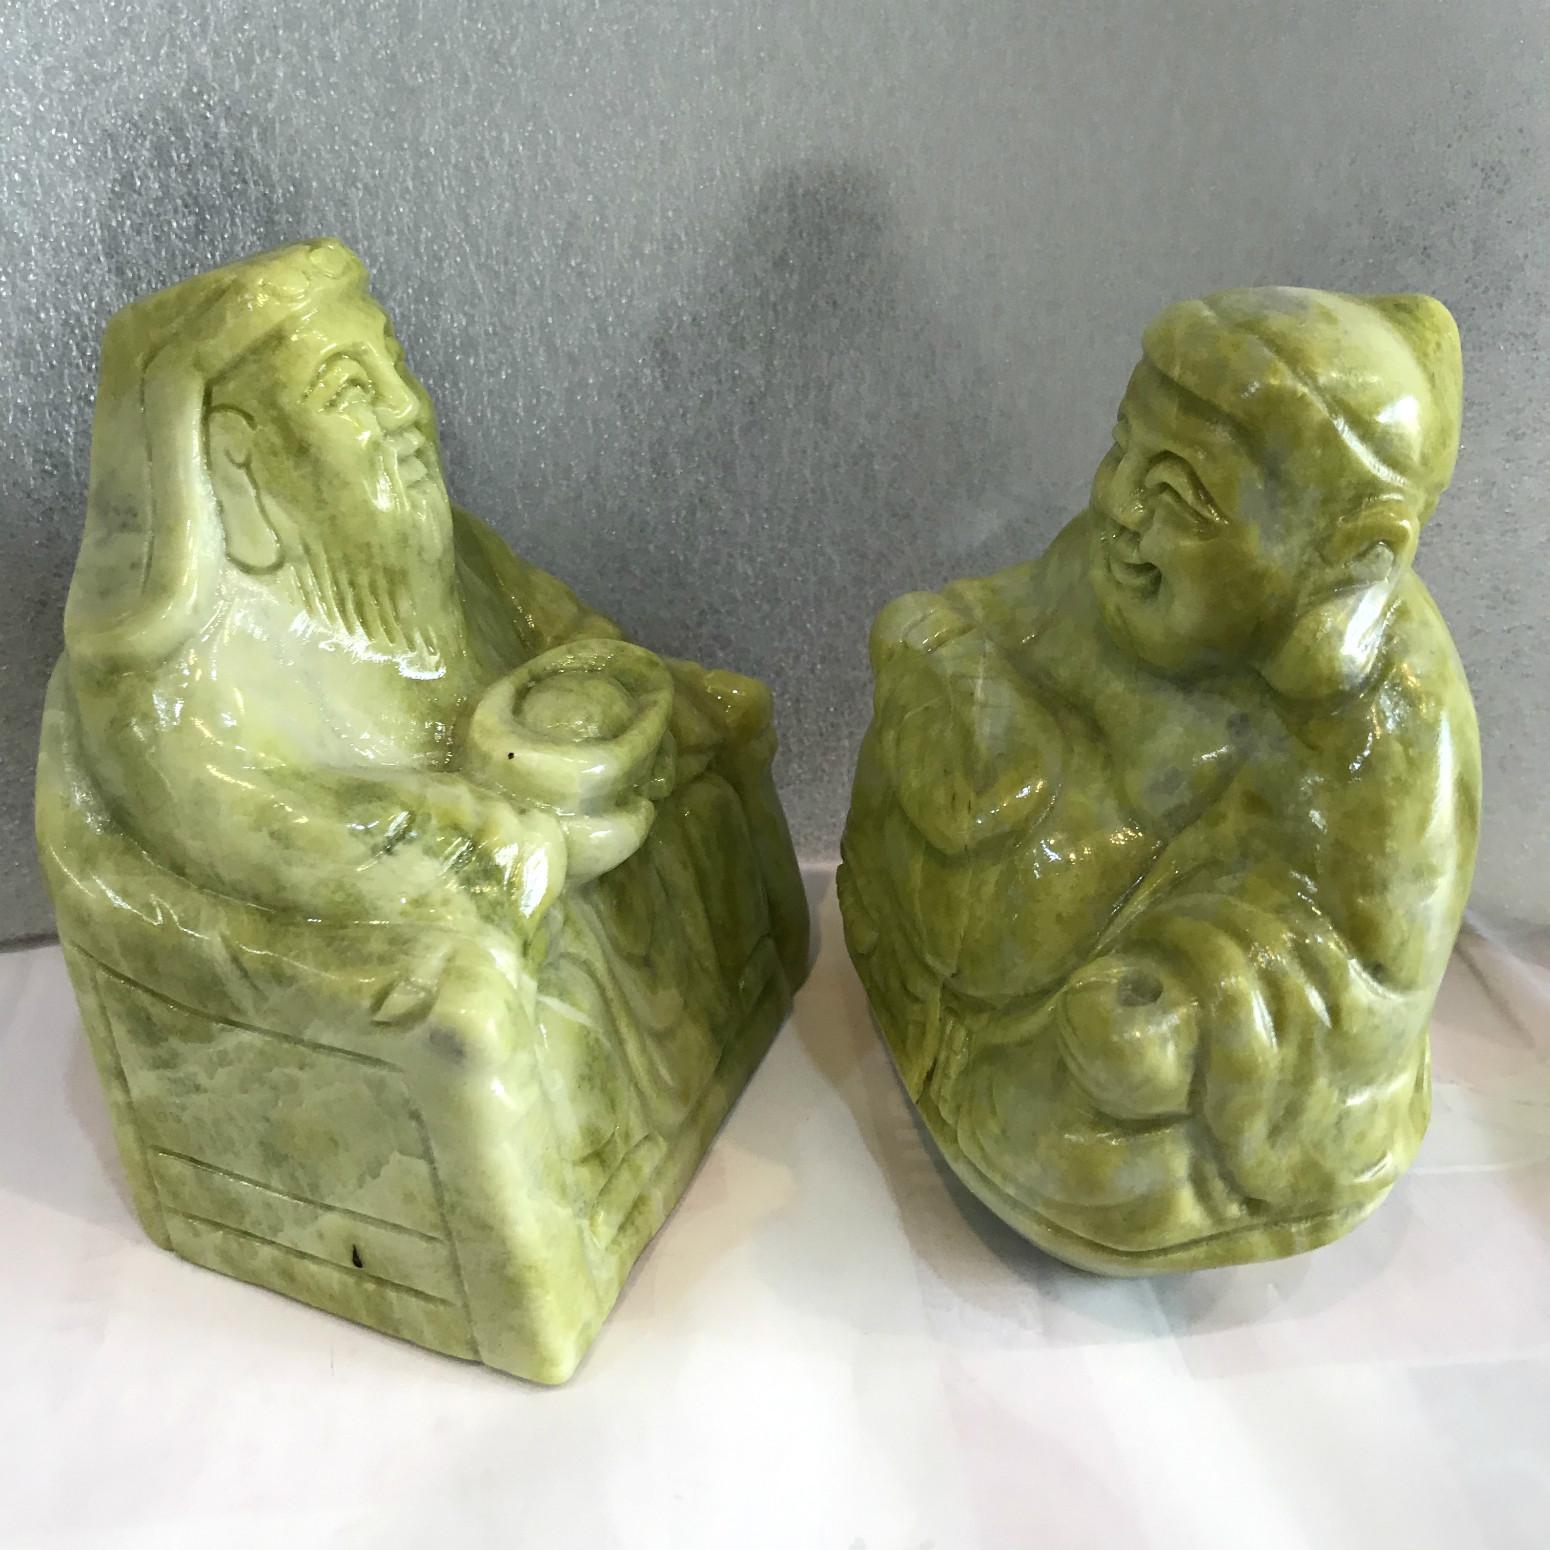 Tượng thần tài thổ địa đá tự nhiên xanh chất ngọc serpentine đá việt nam ( một cặp)